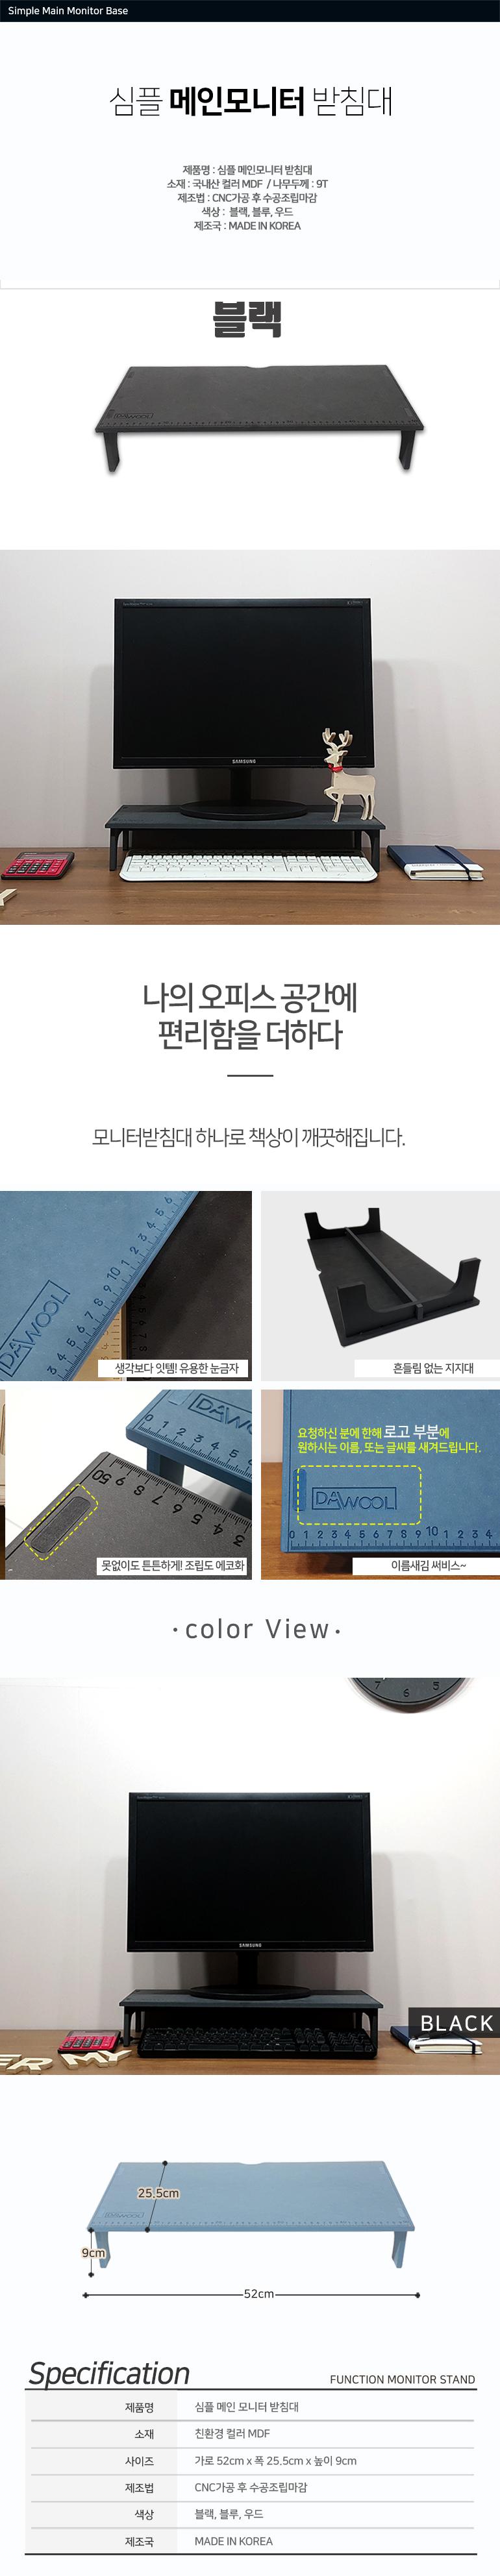 심플모니터메인받침대-블랙색상 컬러에코보드9T - 다울, 12,000원, 데스크가구, 모니터받침대